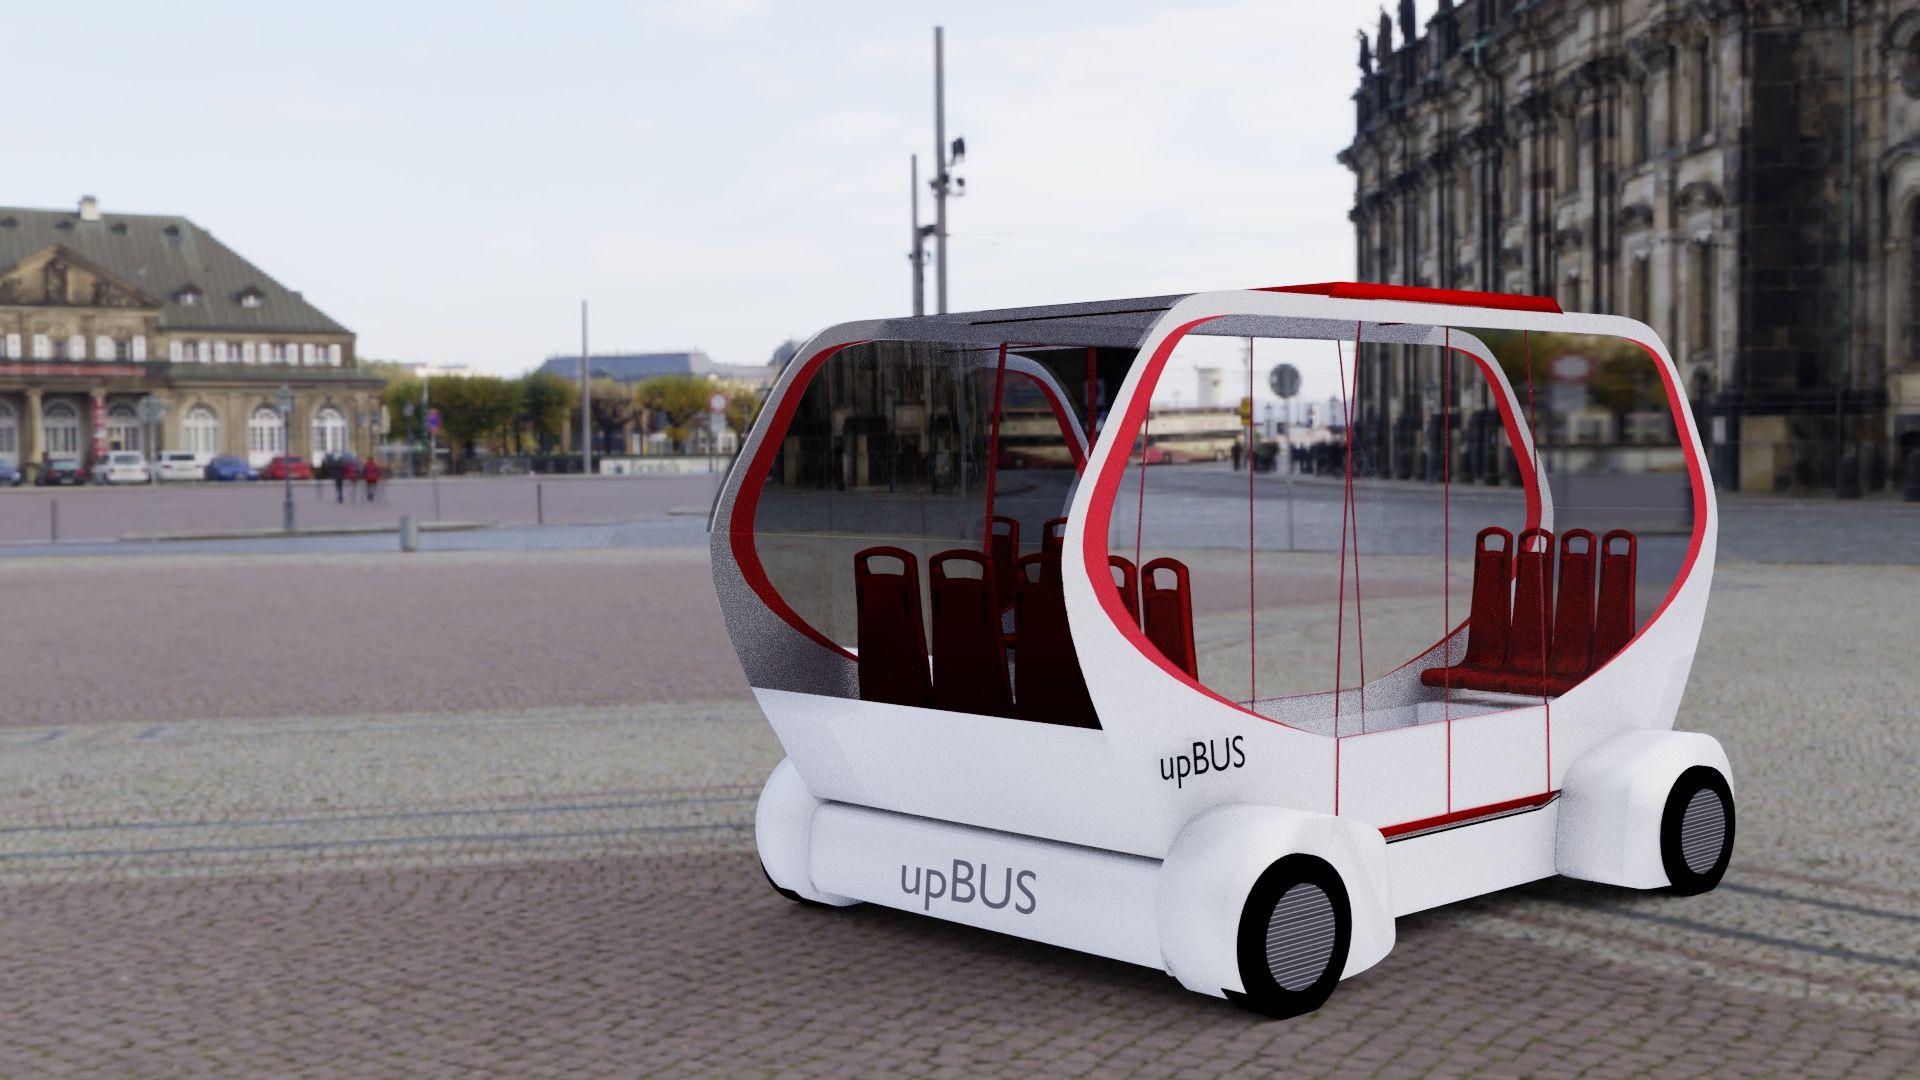 Upbus: Ein E-Bus, der fährt und schwebt - Der Upbus soll das urbane Verkehrsmittel der Zukunft sein. (Bild: RWTH)